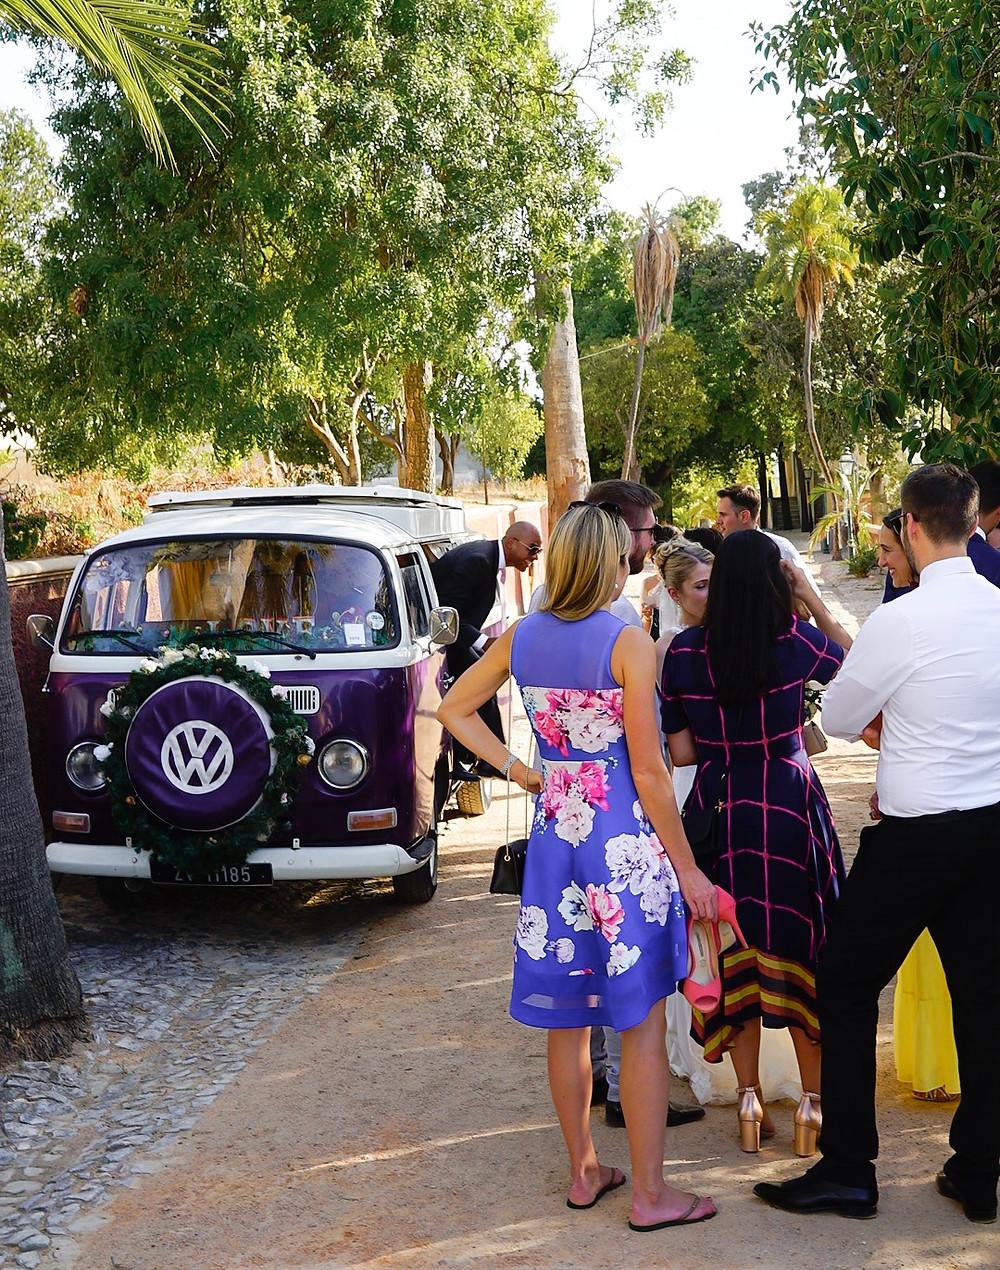 Photo booth Volkswagen bus at wedding in Palacio de Estoi Faro Algarve Portugal